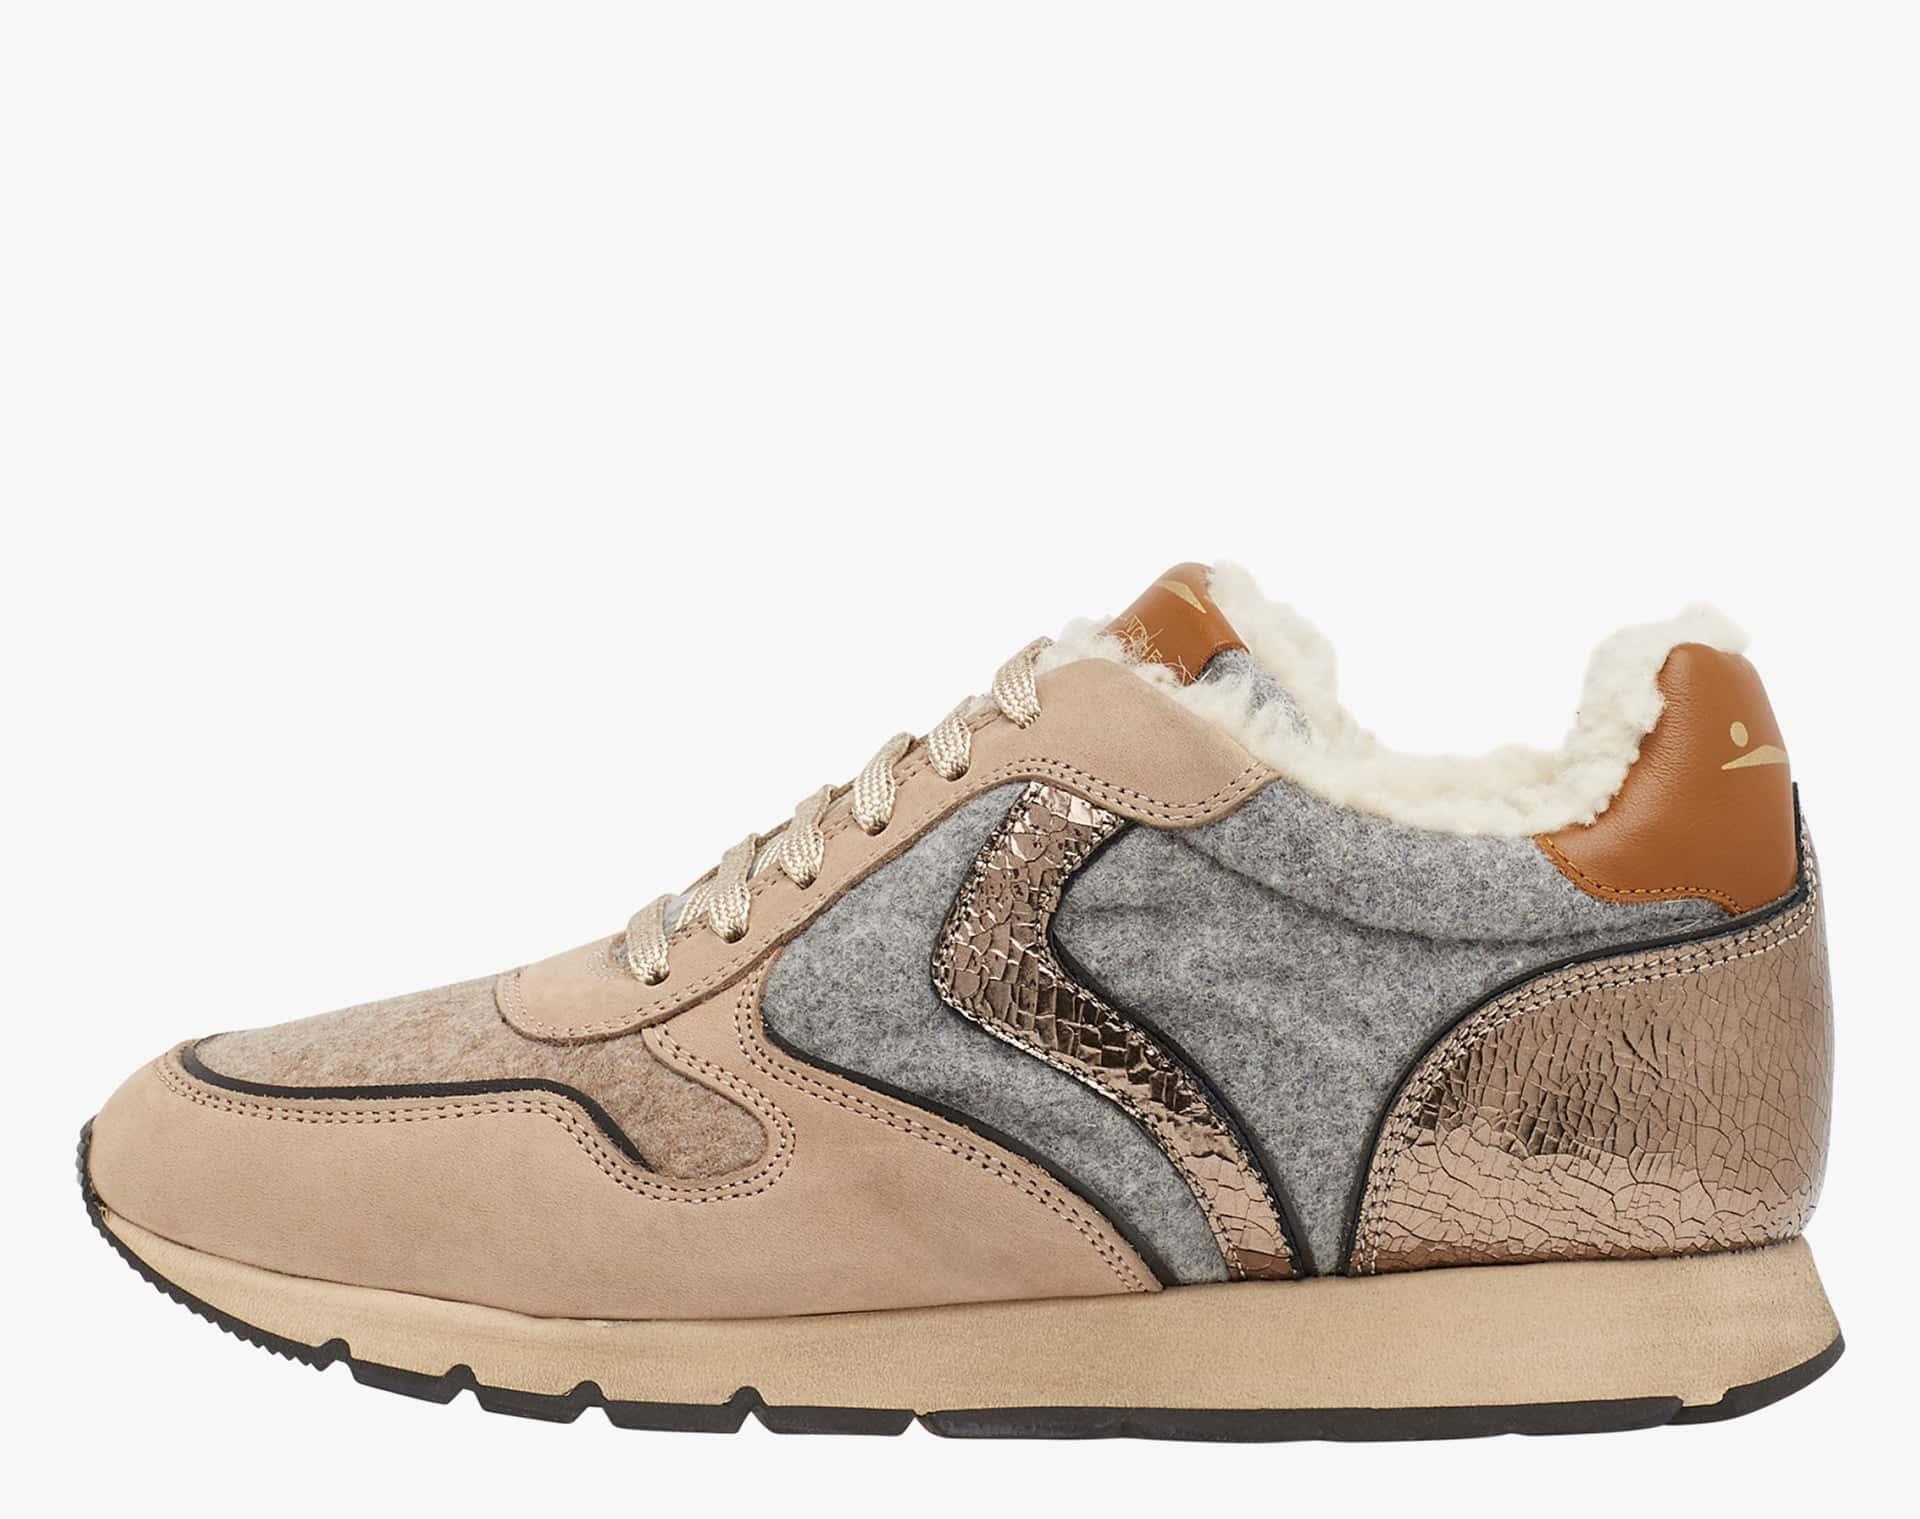 JULIA FUR - Sneakers in leather and felt - Beige-Grey-Bronze